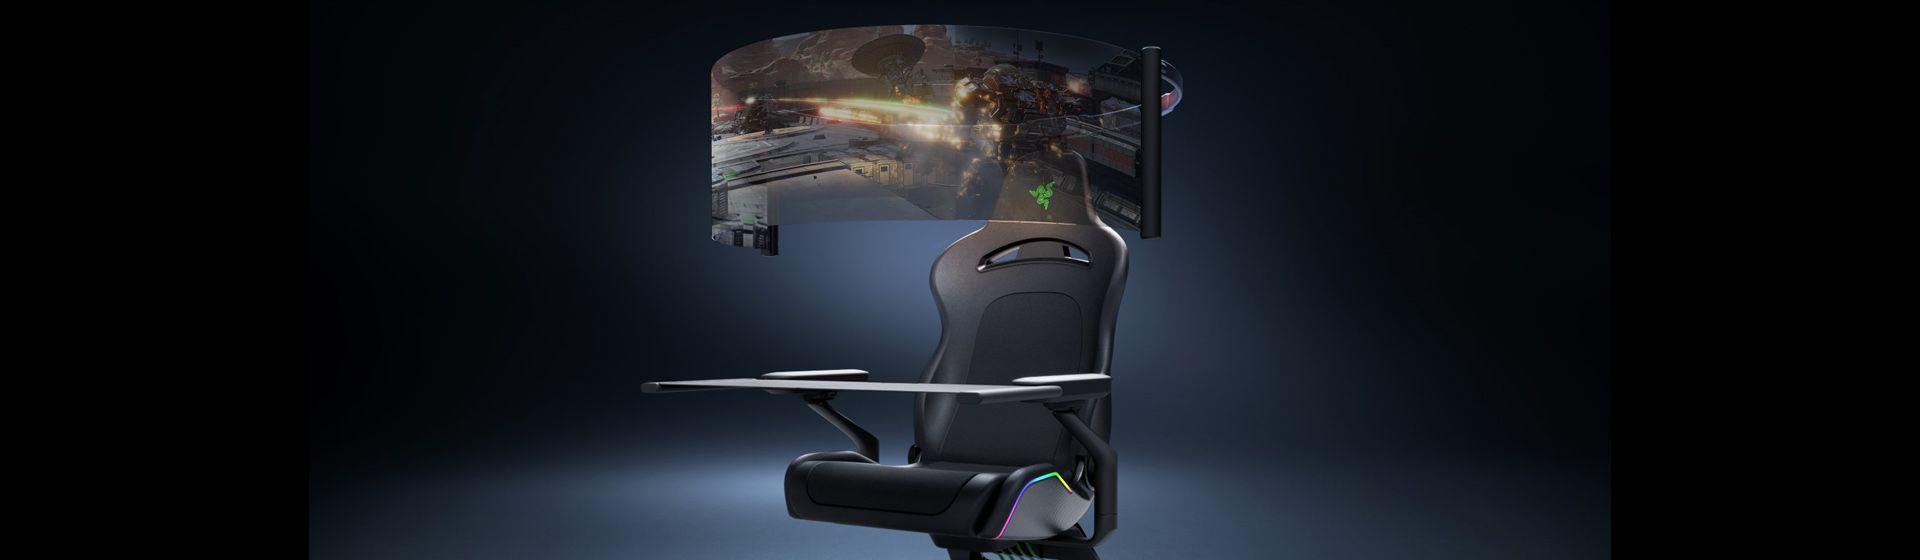 Cadeira gamer imersiva é novidade da Razer na CES 2021